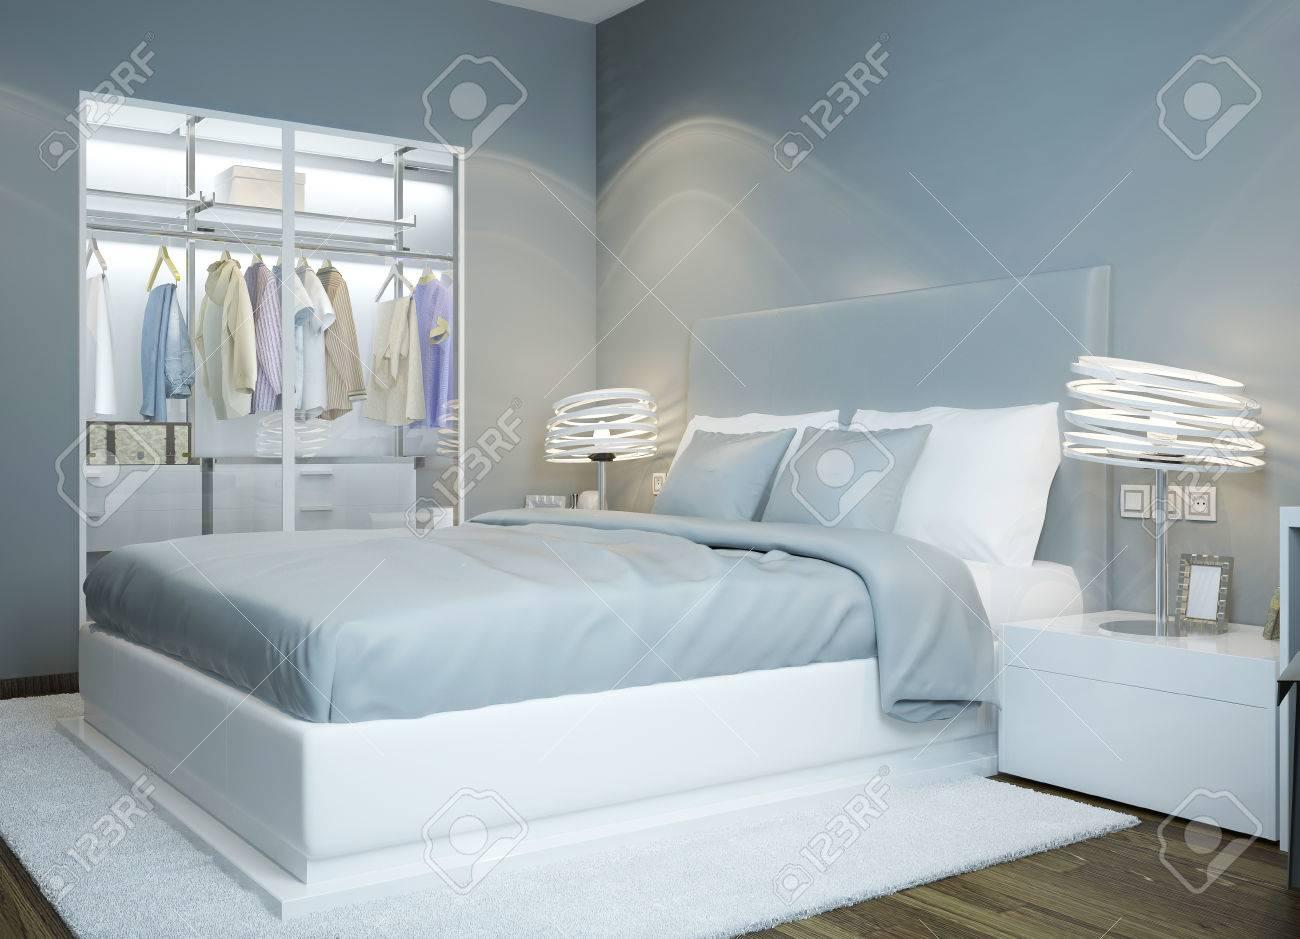 Full Size of Scandinavian Schlafzimmer Licht Blau Gefrbten Truhe Komplettangebote Massivholz Schimmel Im Schränke Komplettes Stuhl Für Stehlampen Wohnzimmer Gardinen Schlafzimmer Lampen Schlafzimmer